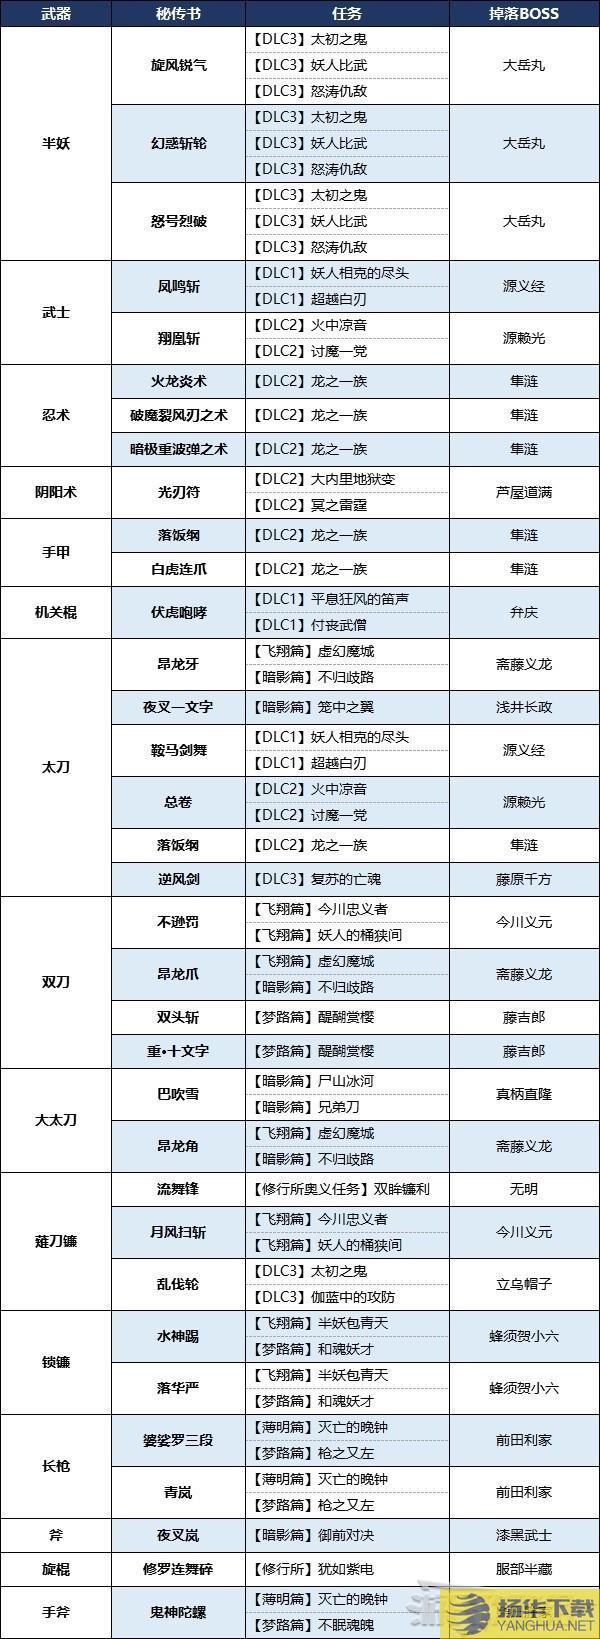 《仁王2》本体及DLC全秘传书获取方法DLC新增秘传书怎么获得